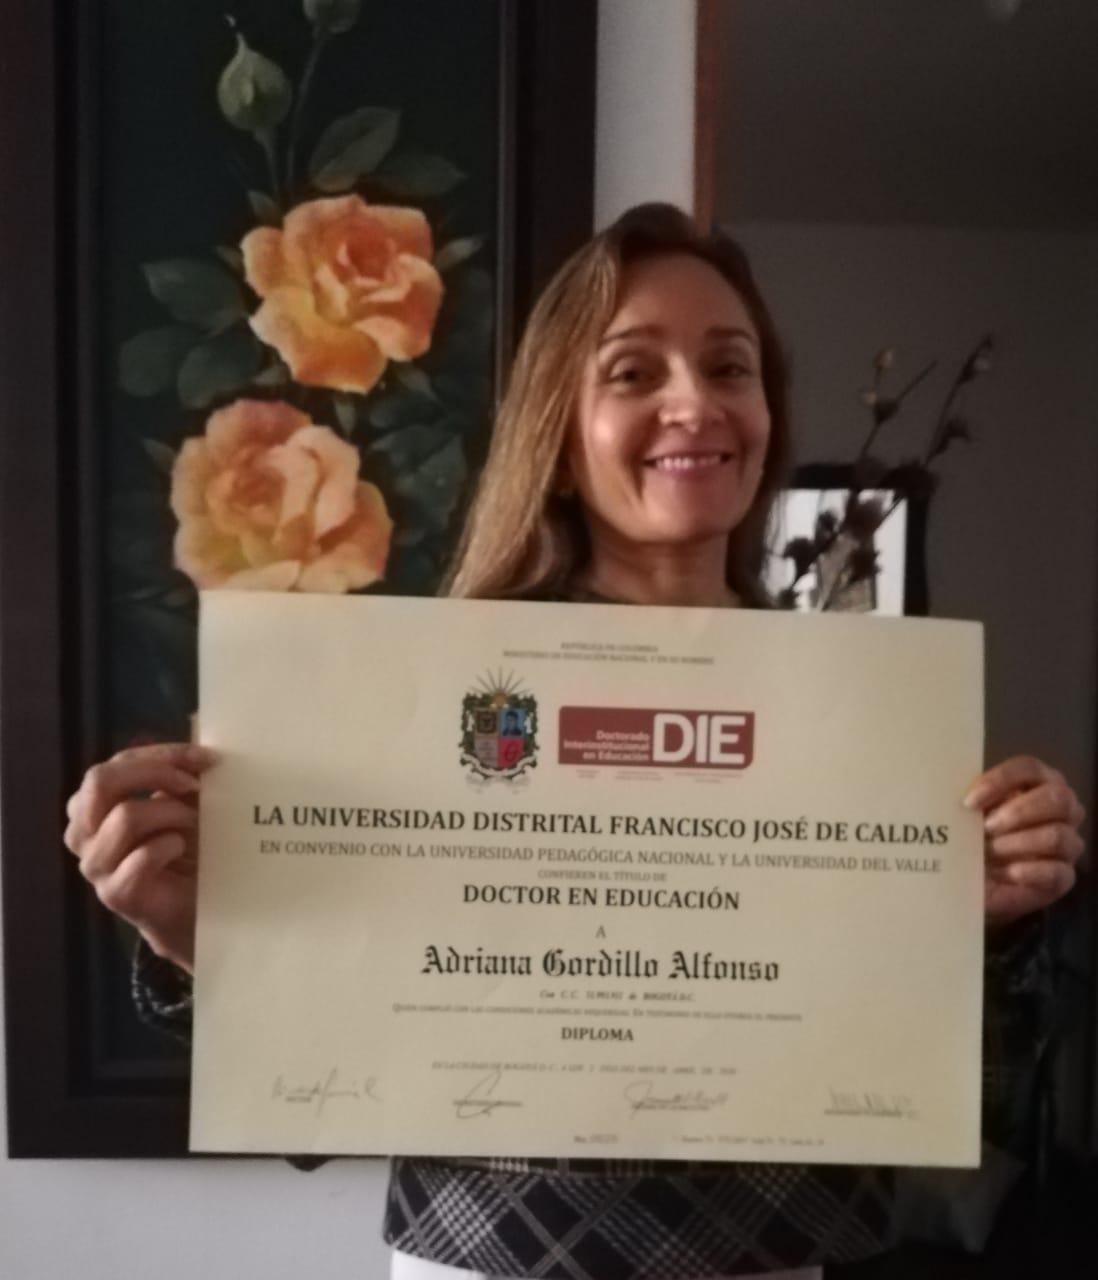 Foto Adriana Gordillo Alfonso con diploma de Doctorado en Educación de la UD